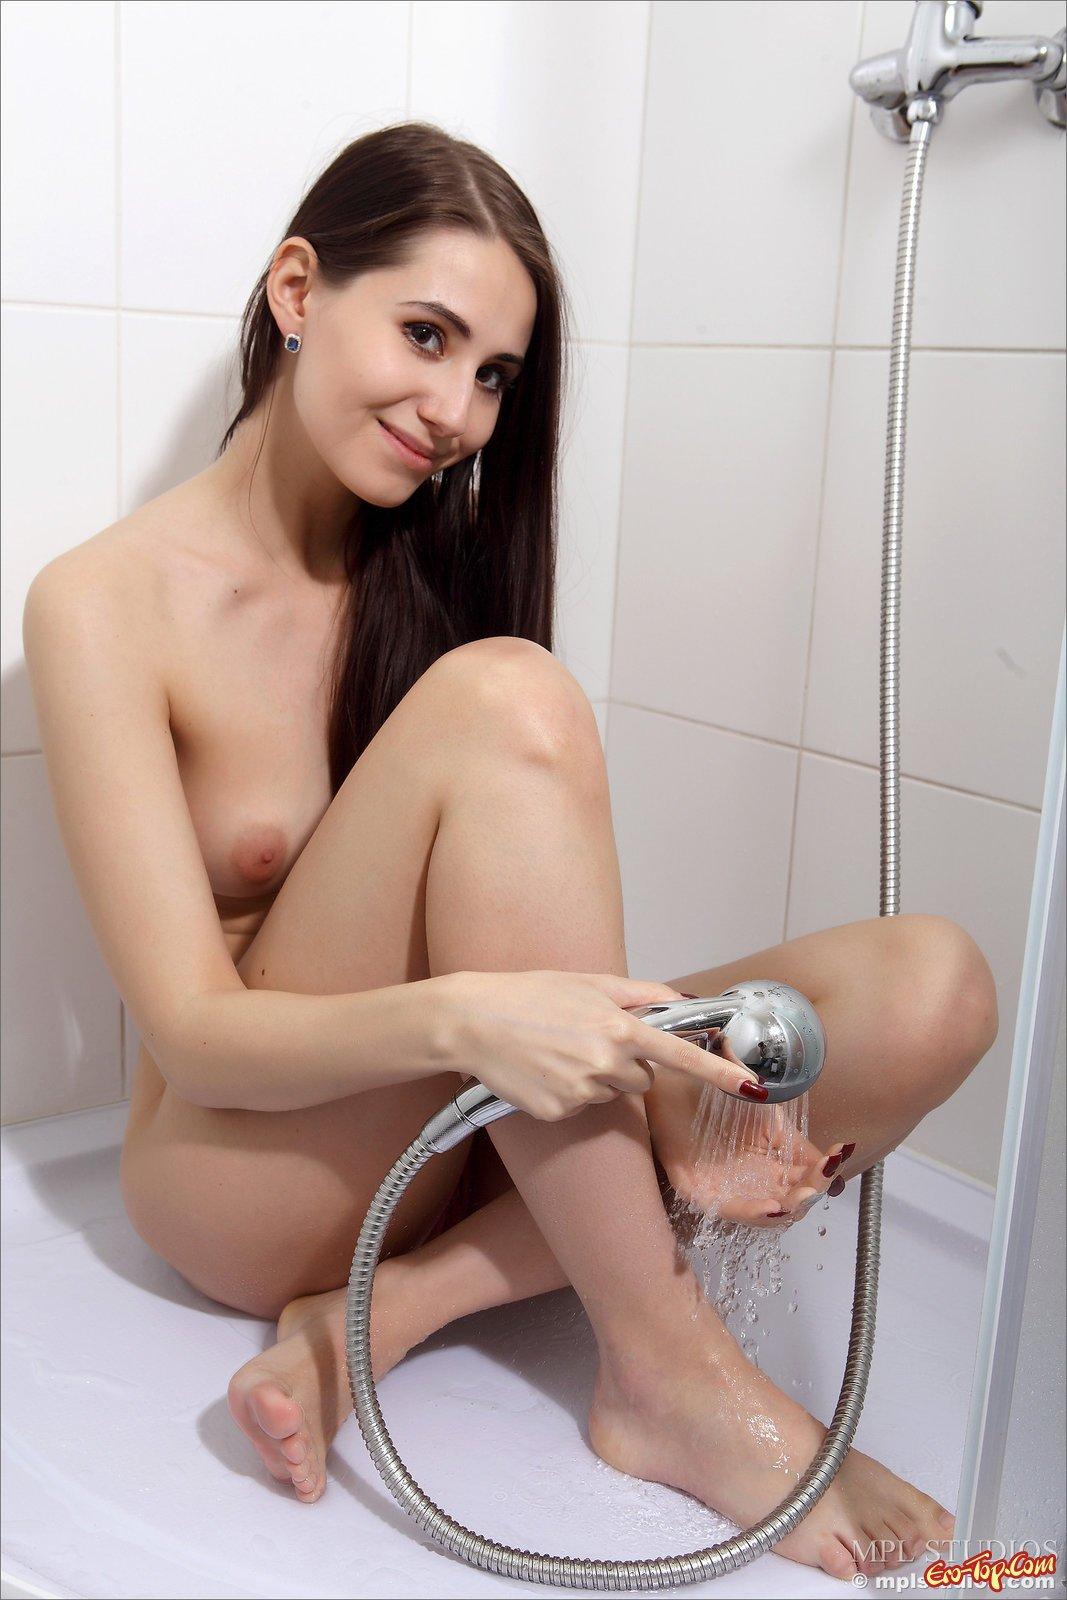 Титястая девка моется под струями воды